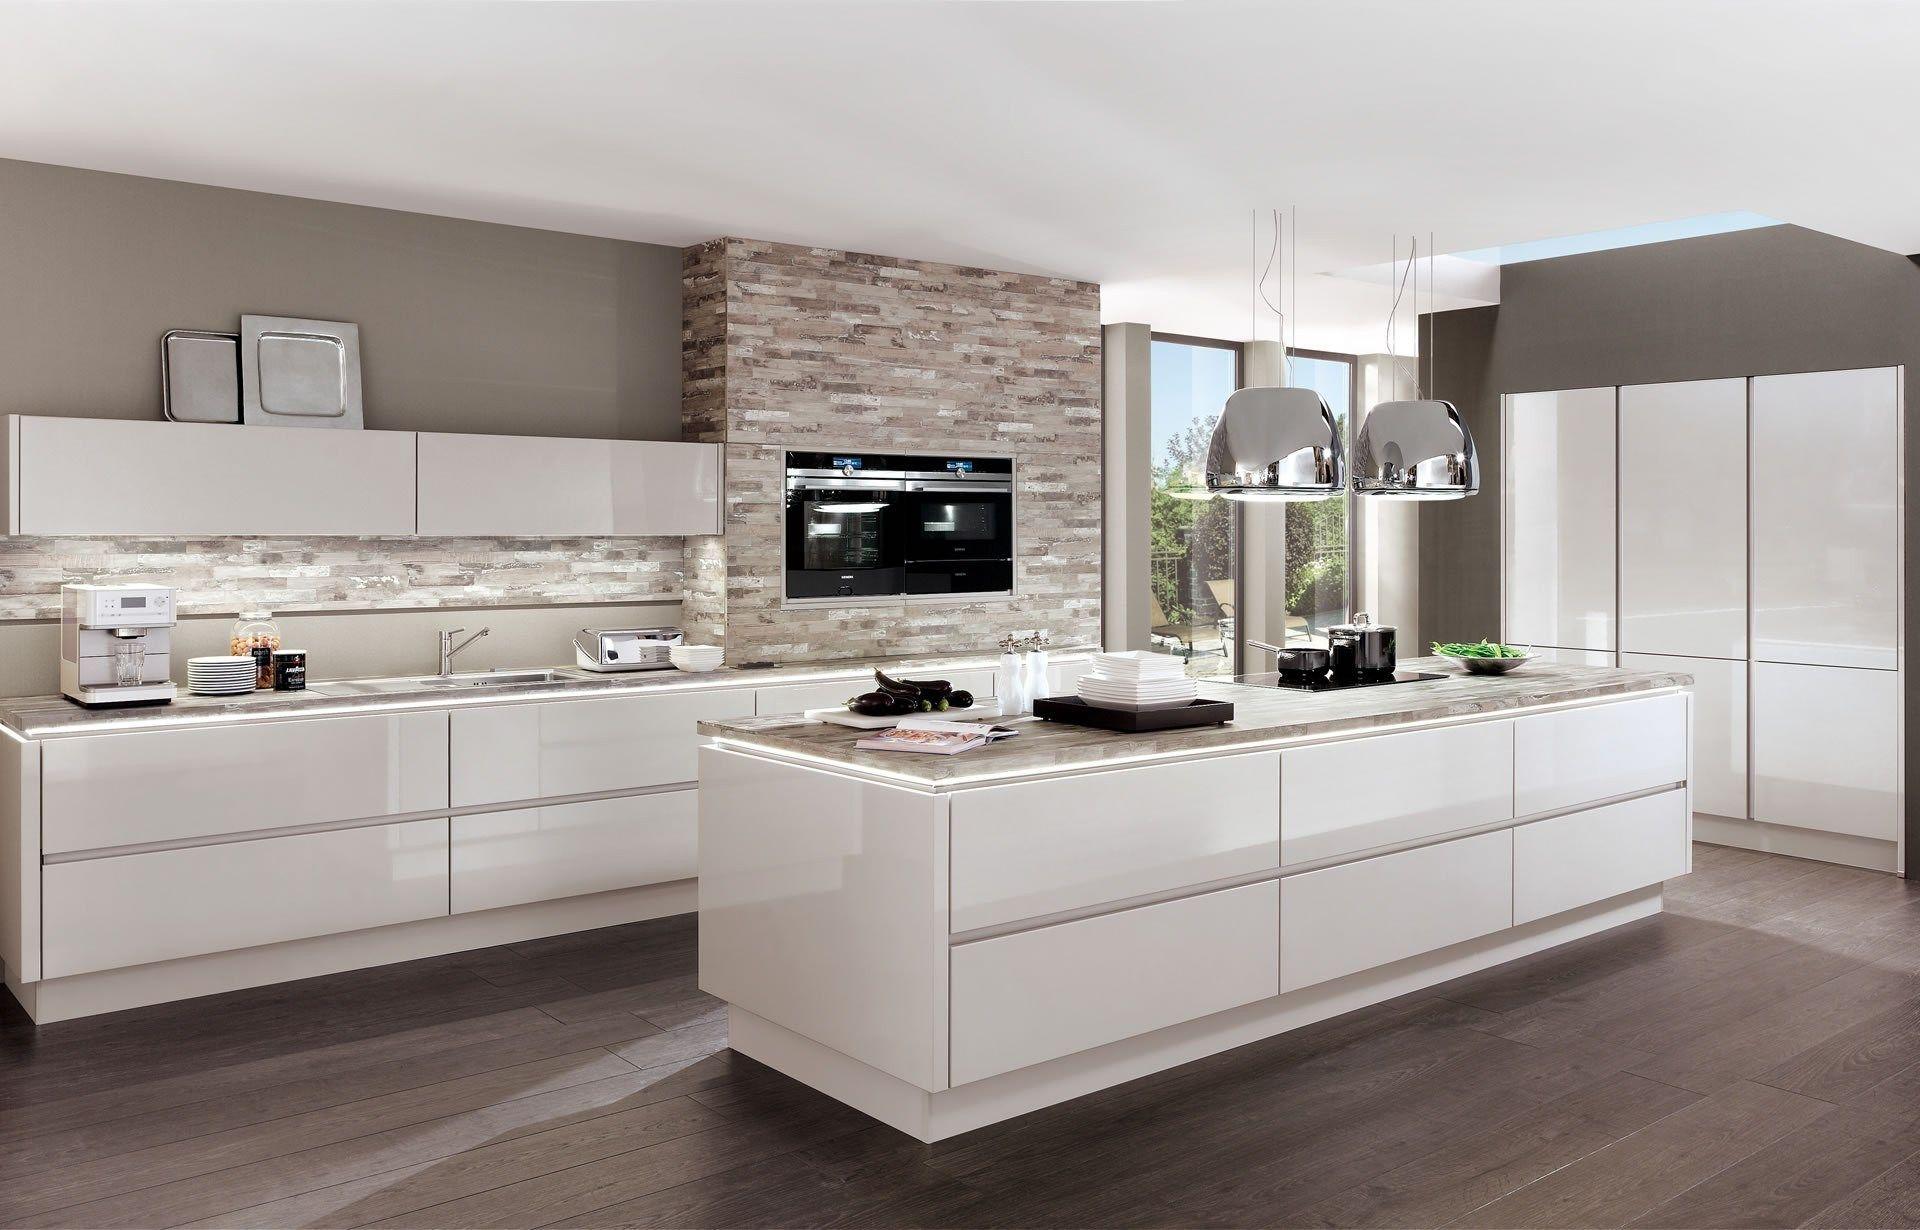 Awesome Nobilia Arbeitsplatte Beton Home Decor Ideas Kitchen Nobilia Kitchen Kitchen Design